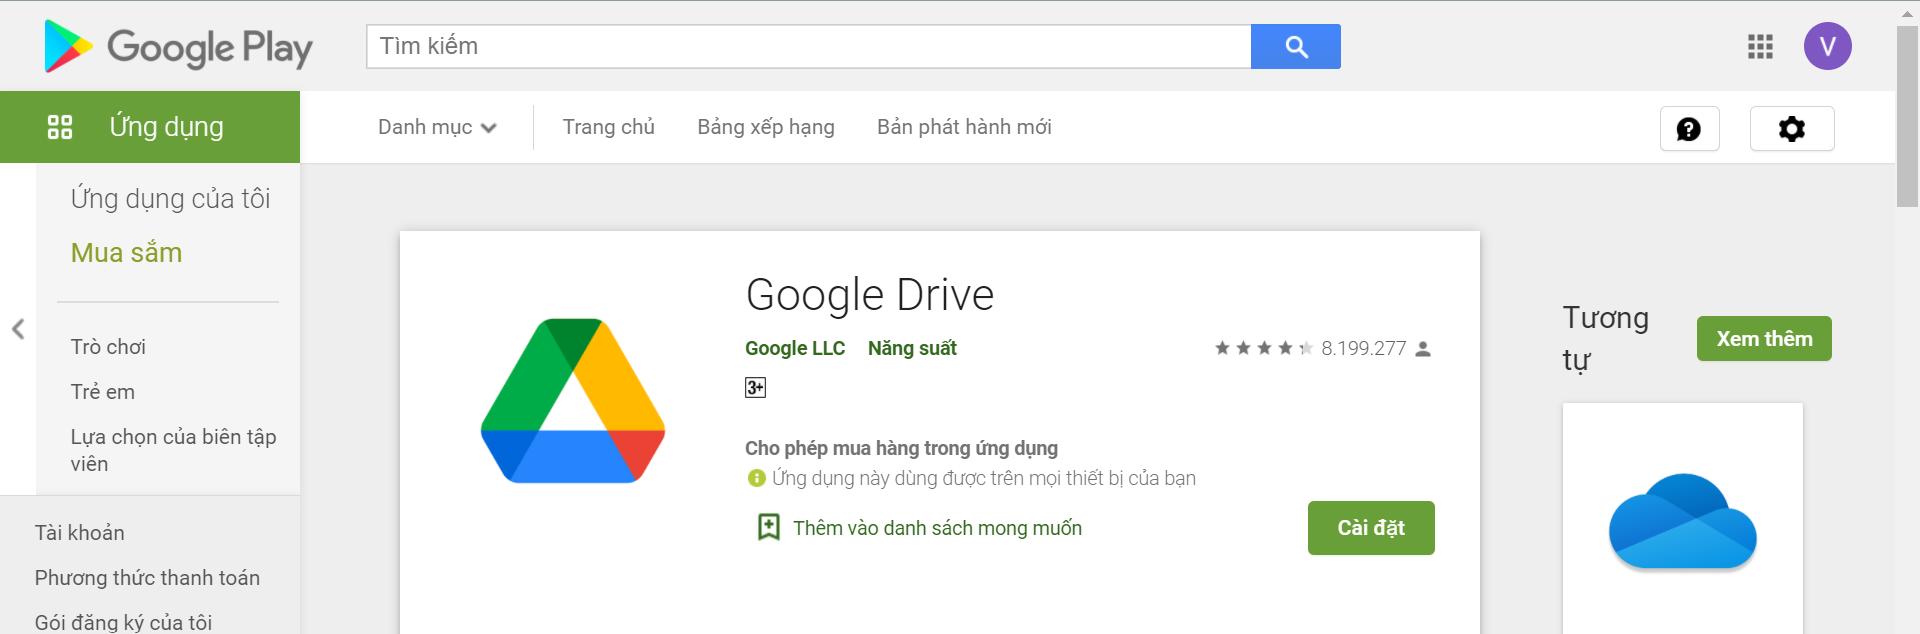 google drive là gì - hướng dẫn sử dụng google drive - ứng dụng android